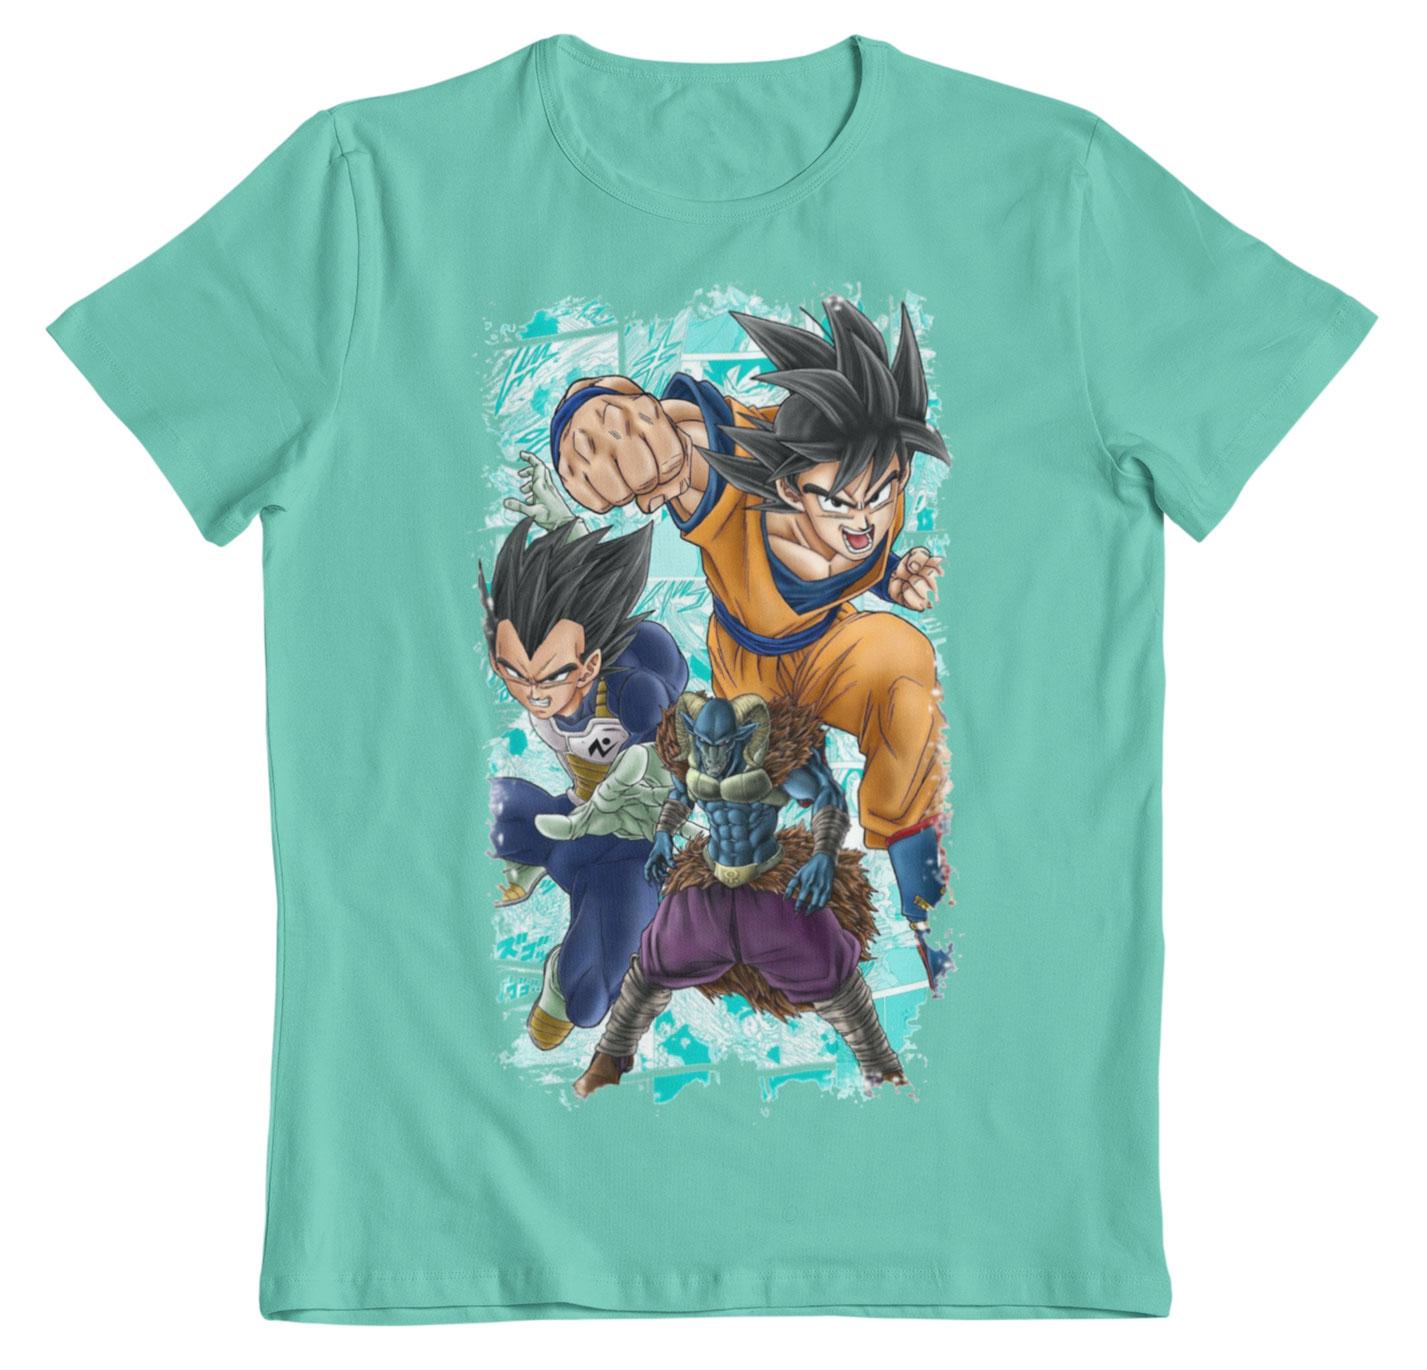 Camiseta Dragon Ball Super saga Moro azul atolon